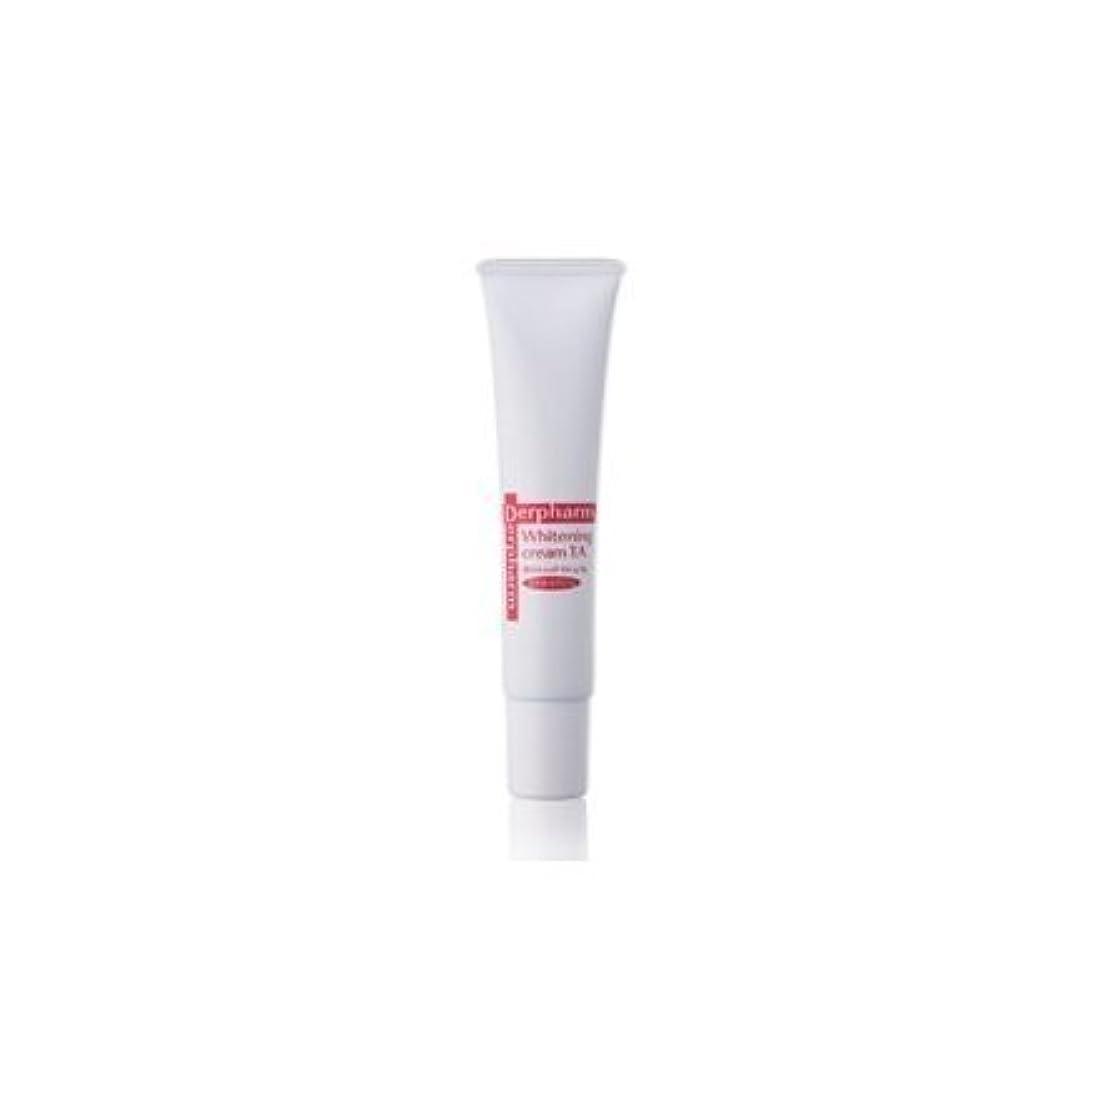 アクチュエータ遠い貴重なデルファーマ ホワイトニング クリーム TA (医薬部外品)